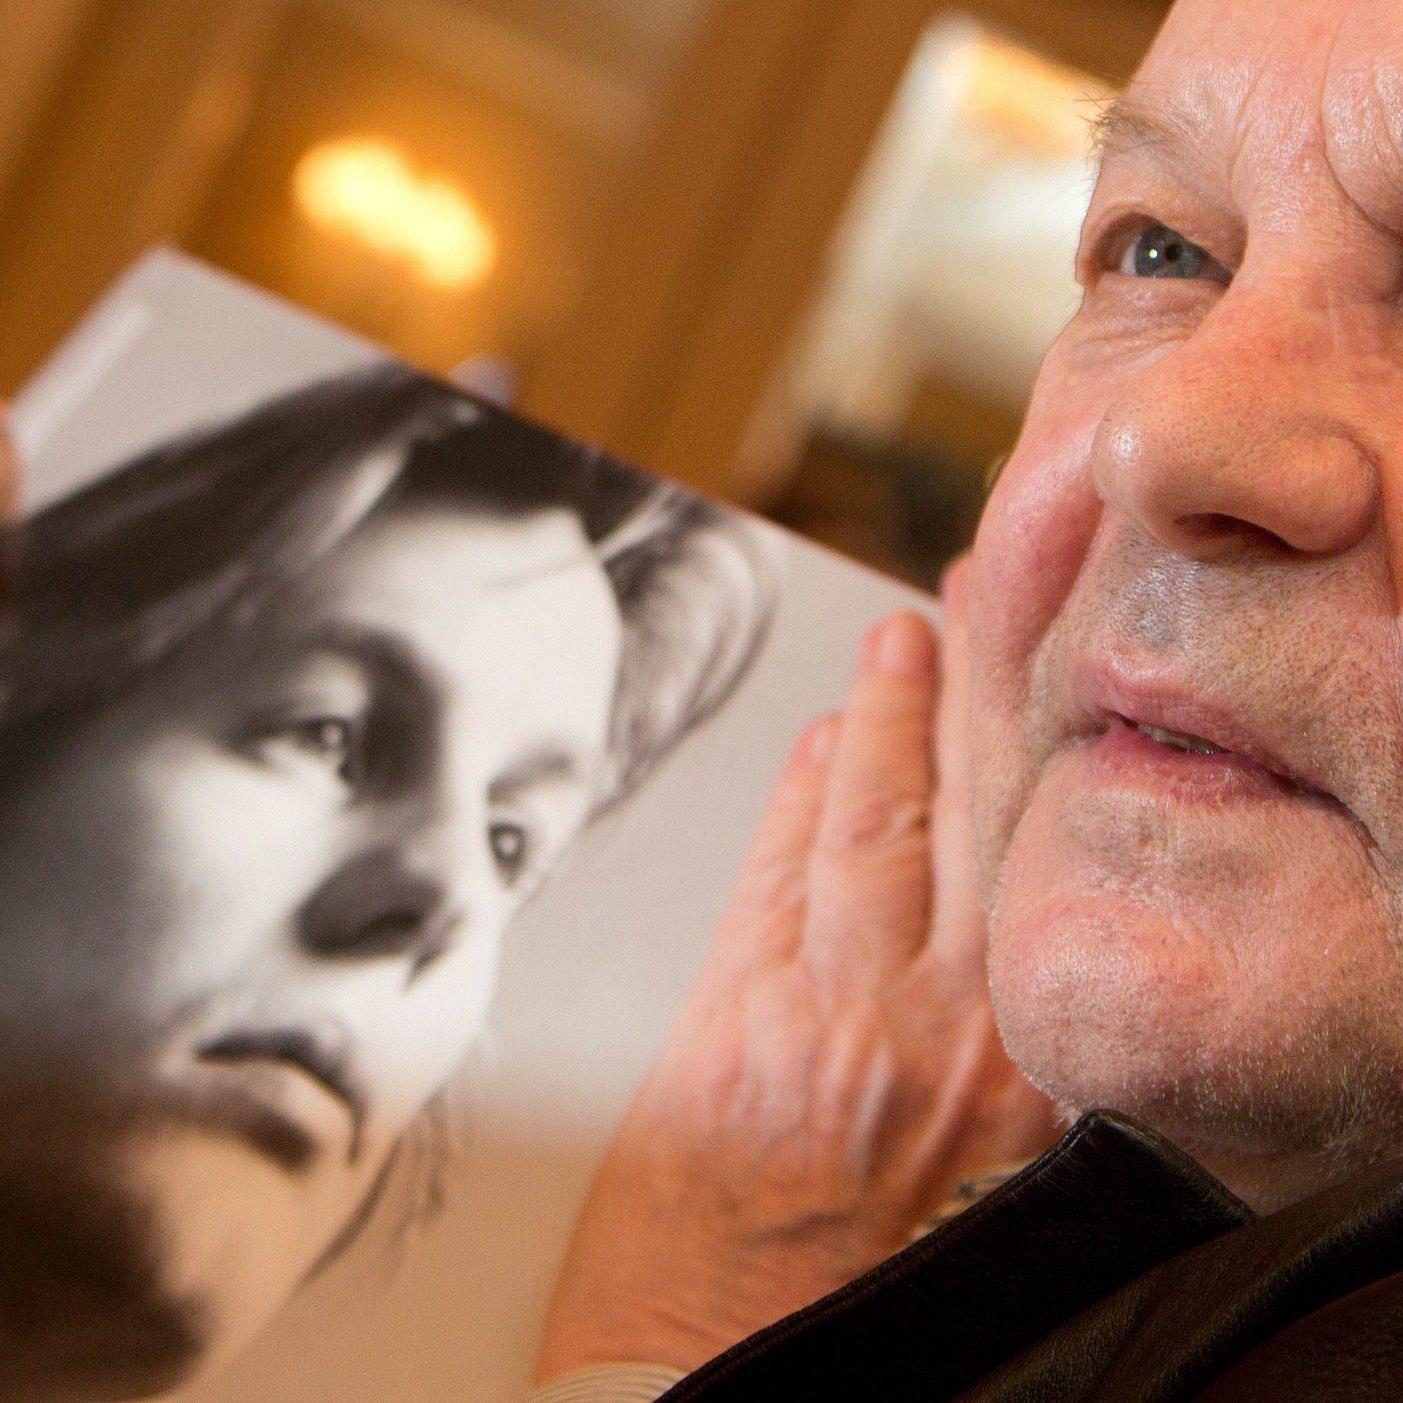 Er galt einst als schönster Mann der Welt, jetzt zieht Helmut Berger ins Dschungelcamp